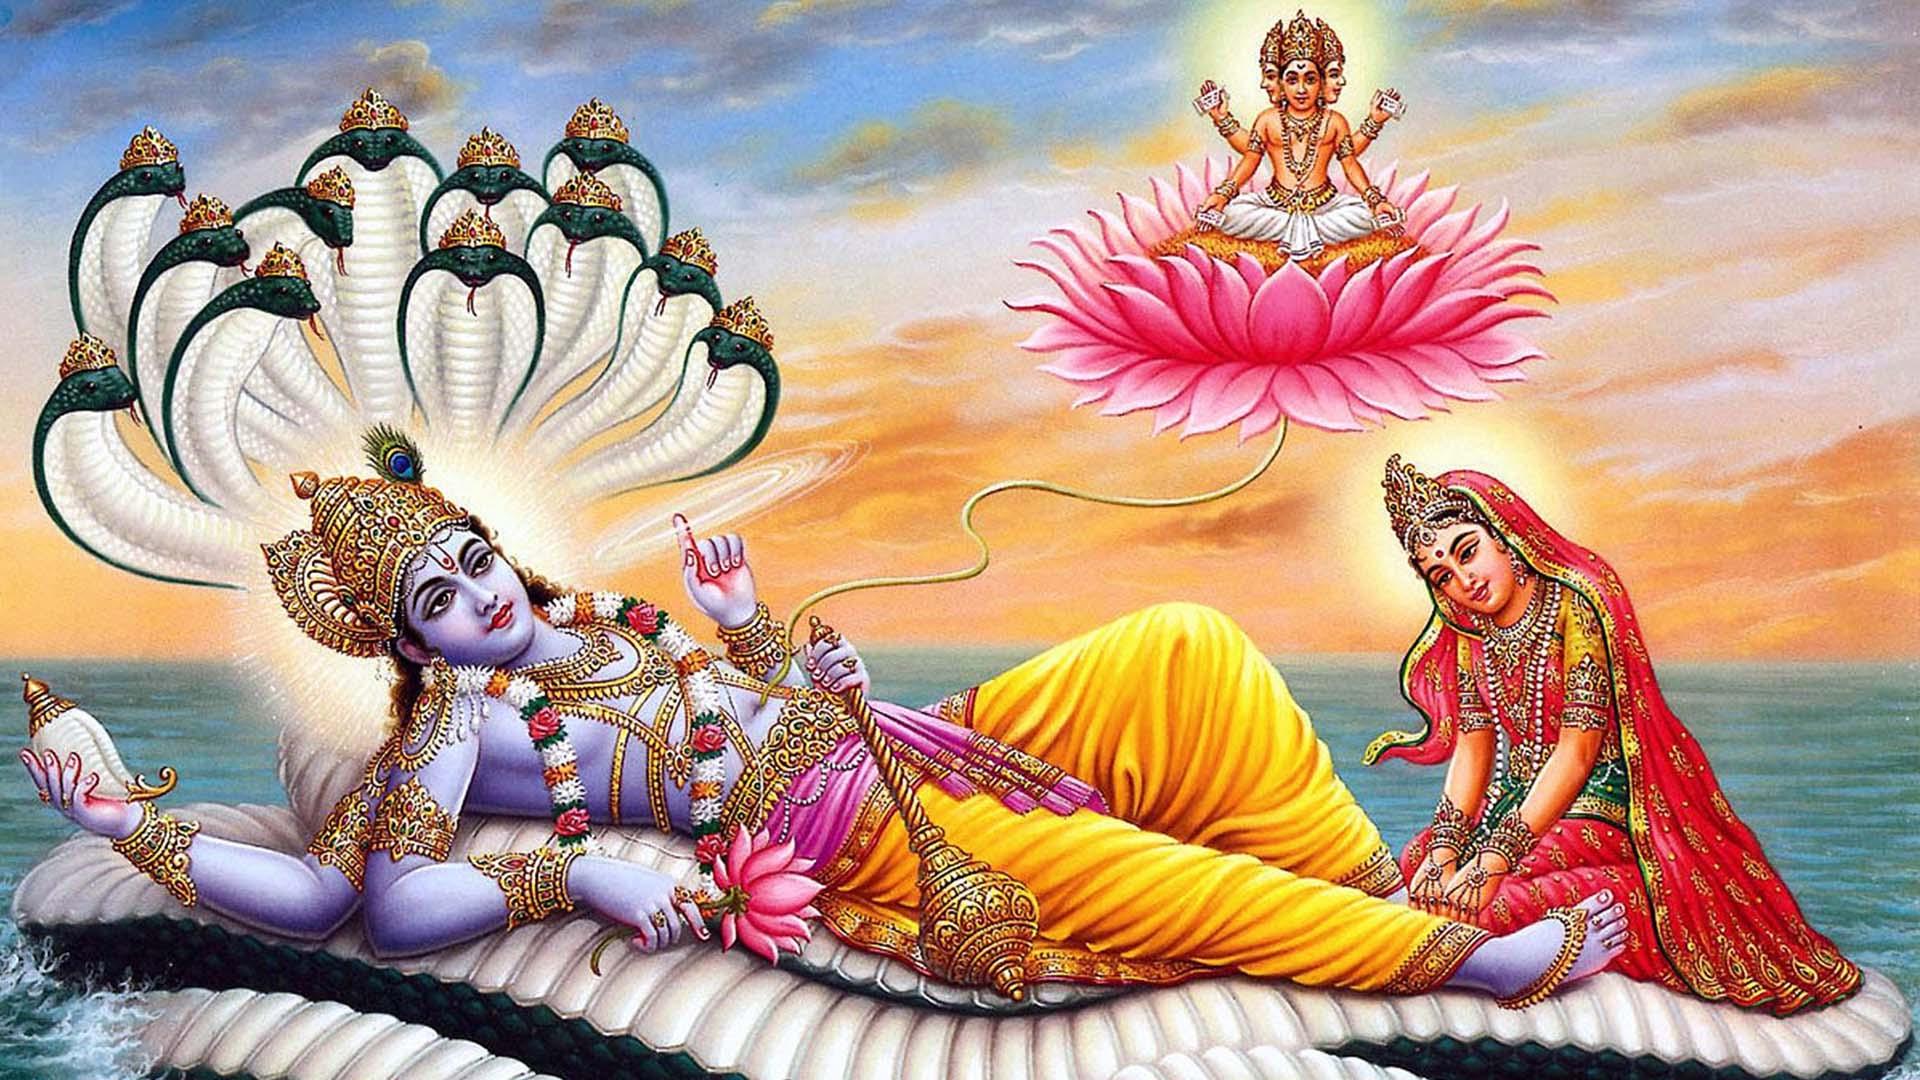 Vishnu Laxmi Photo Download